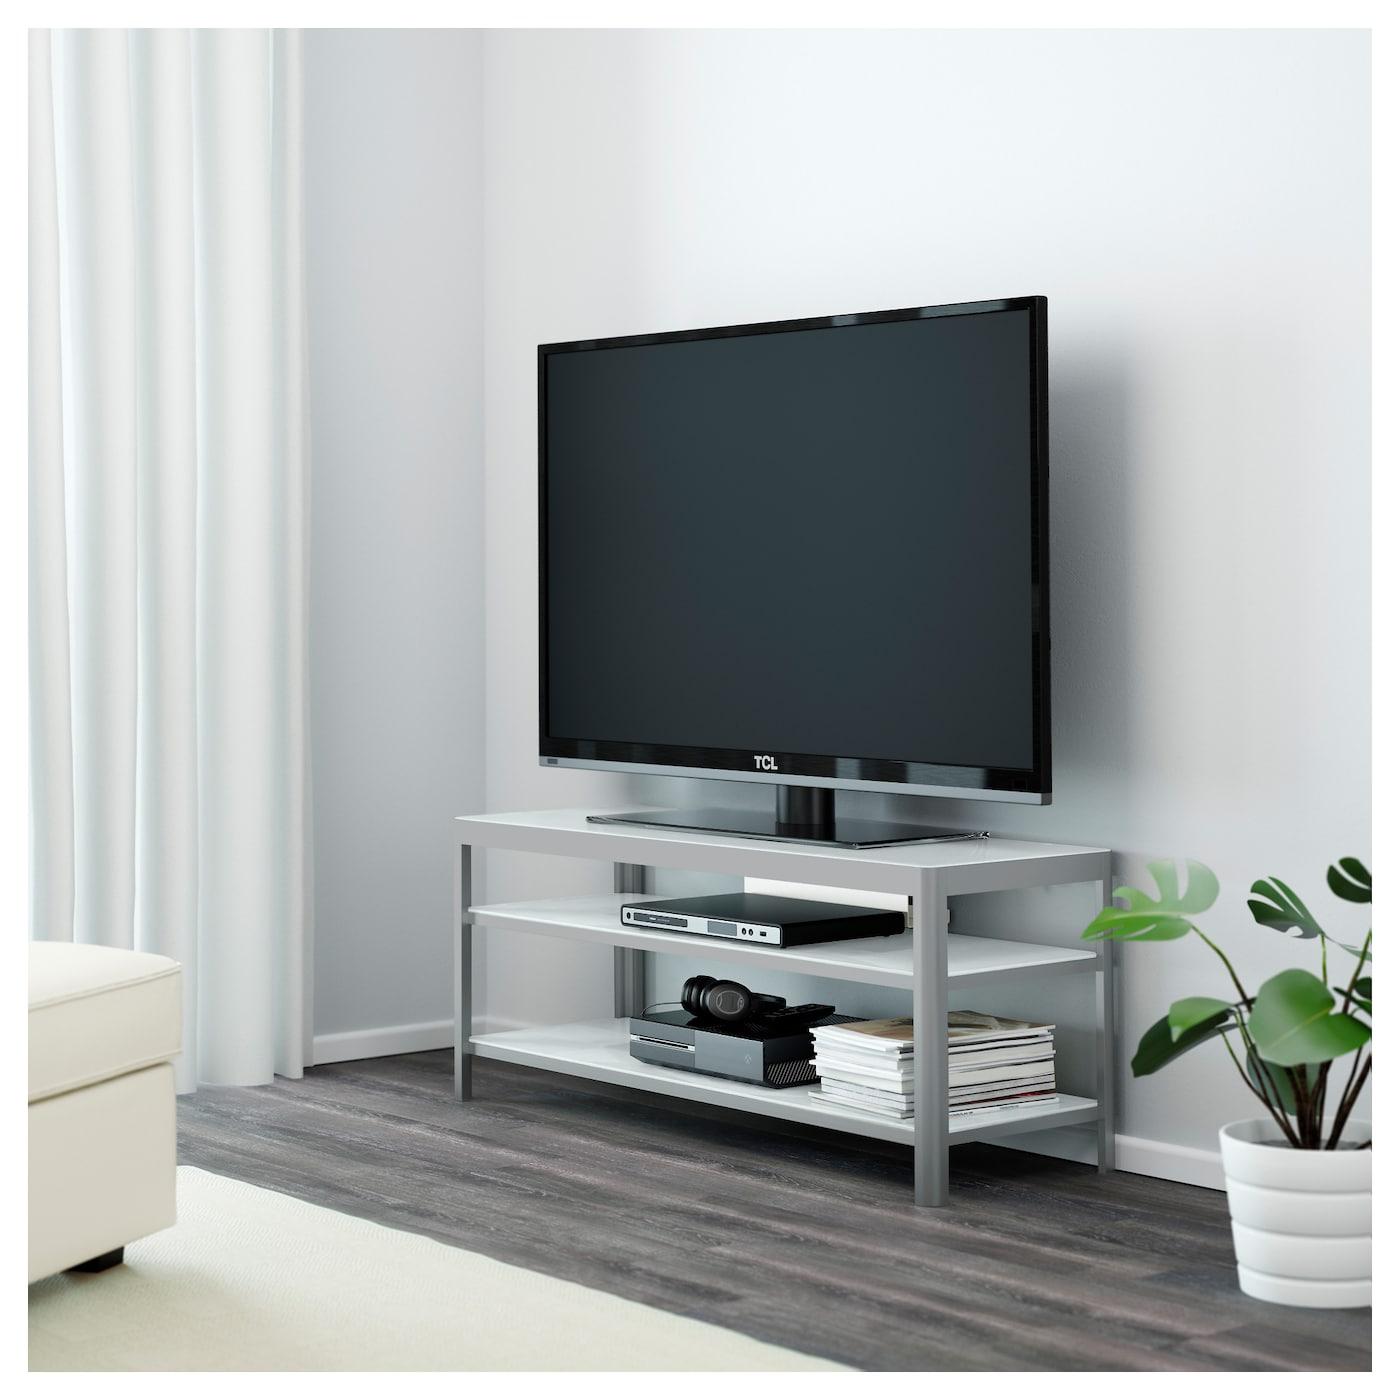 Gettorp Banc Tv Blanc Aluminium 120×40 Cm Ikea # Meuble Tv Blanc Dessus Verre Trempe